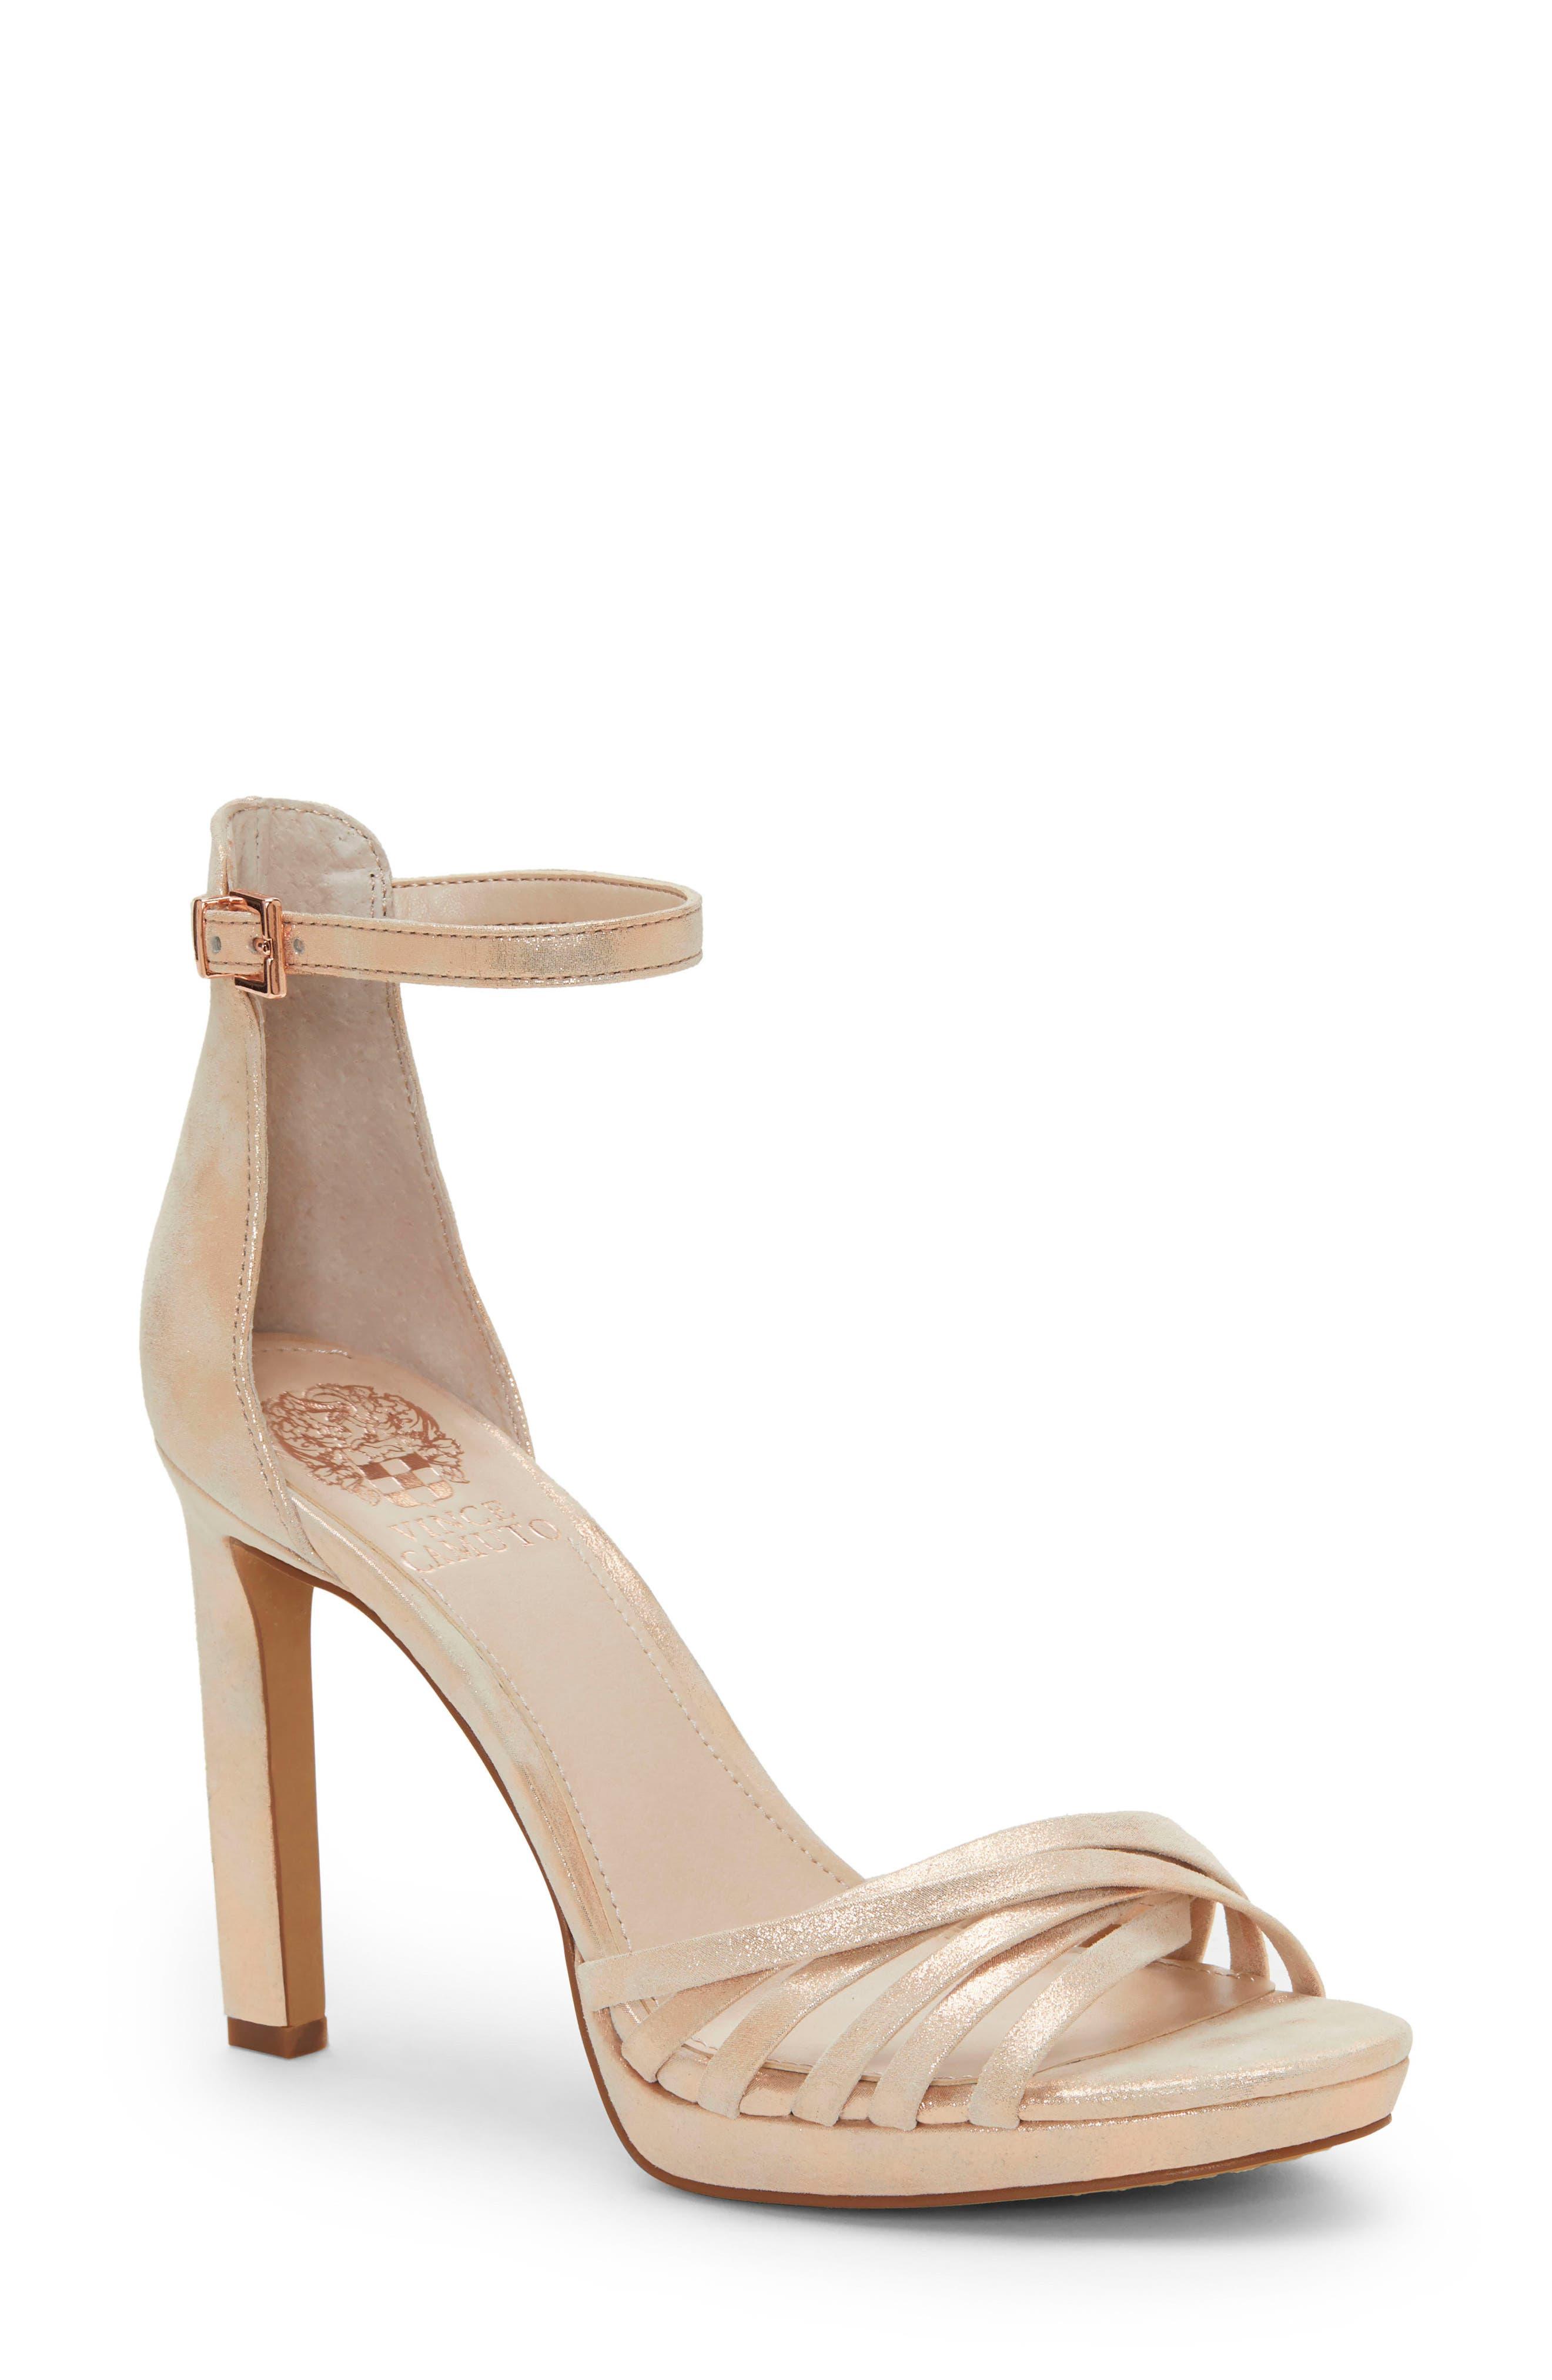 Vince Camuto Beresta Sandal, Pink